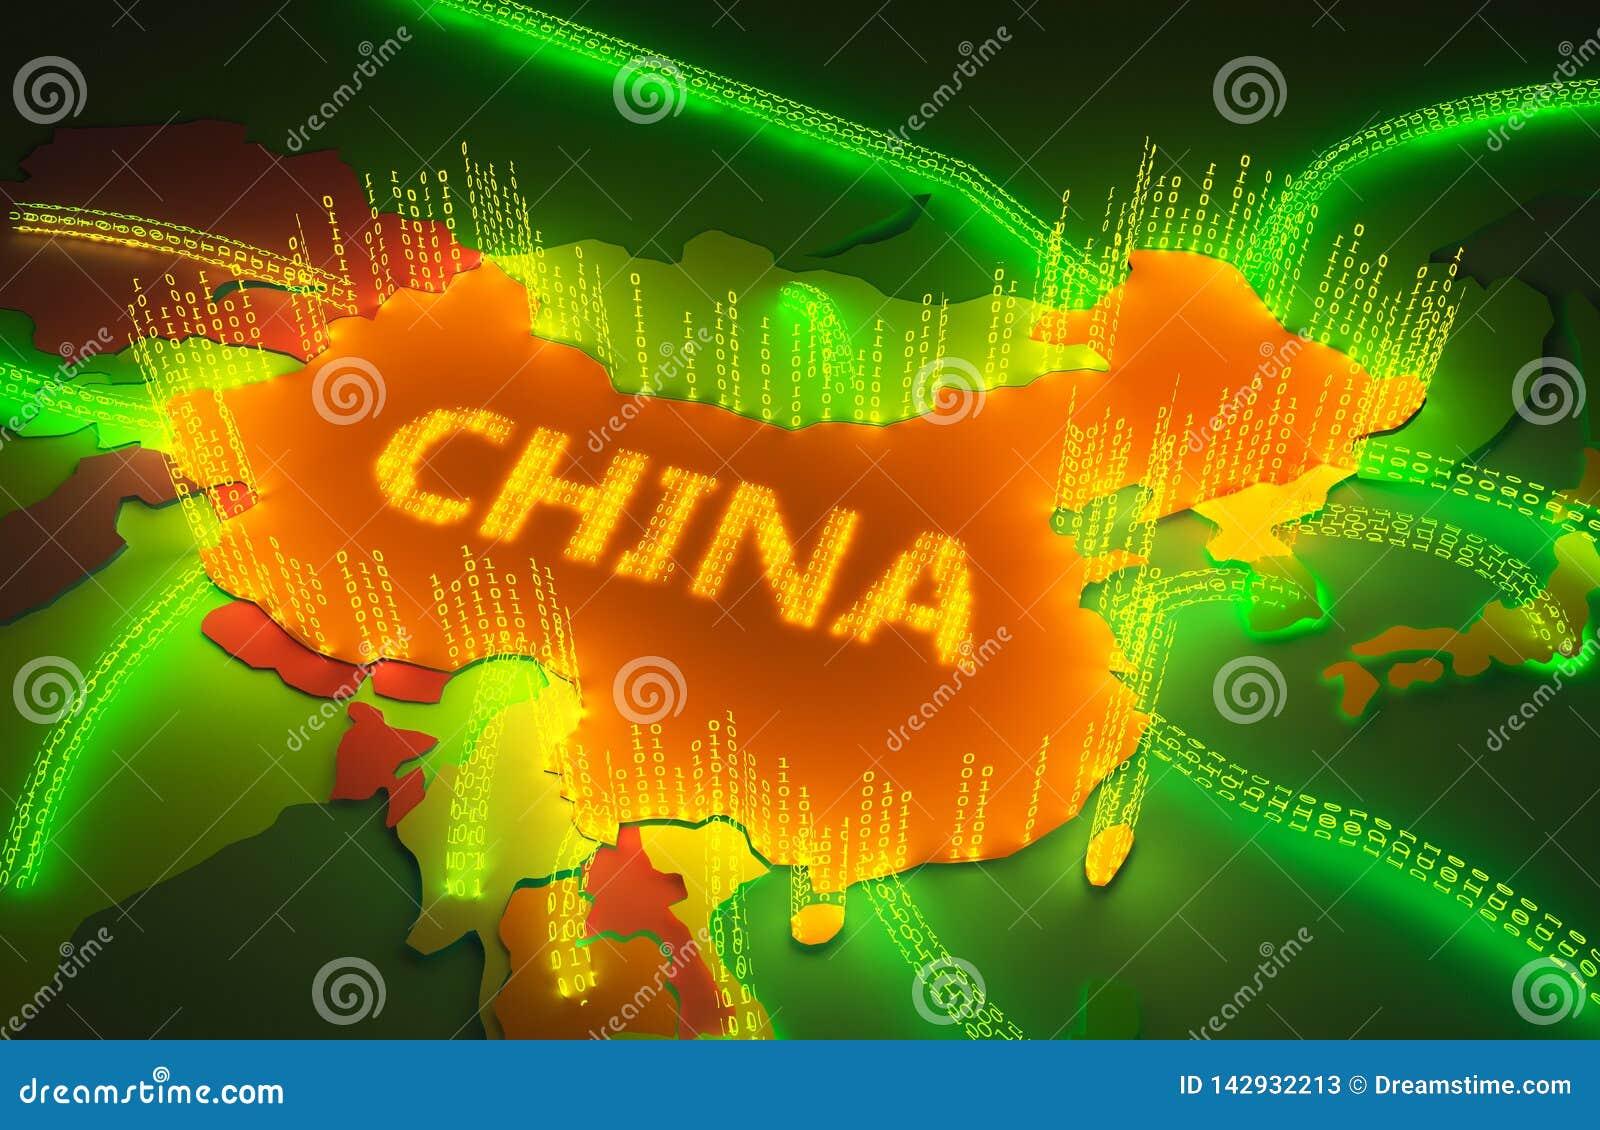 La carte de la Chine surronded par un pare-feu binaire